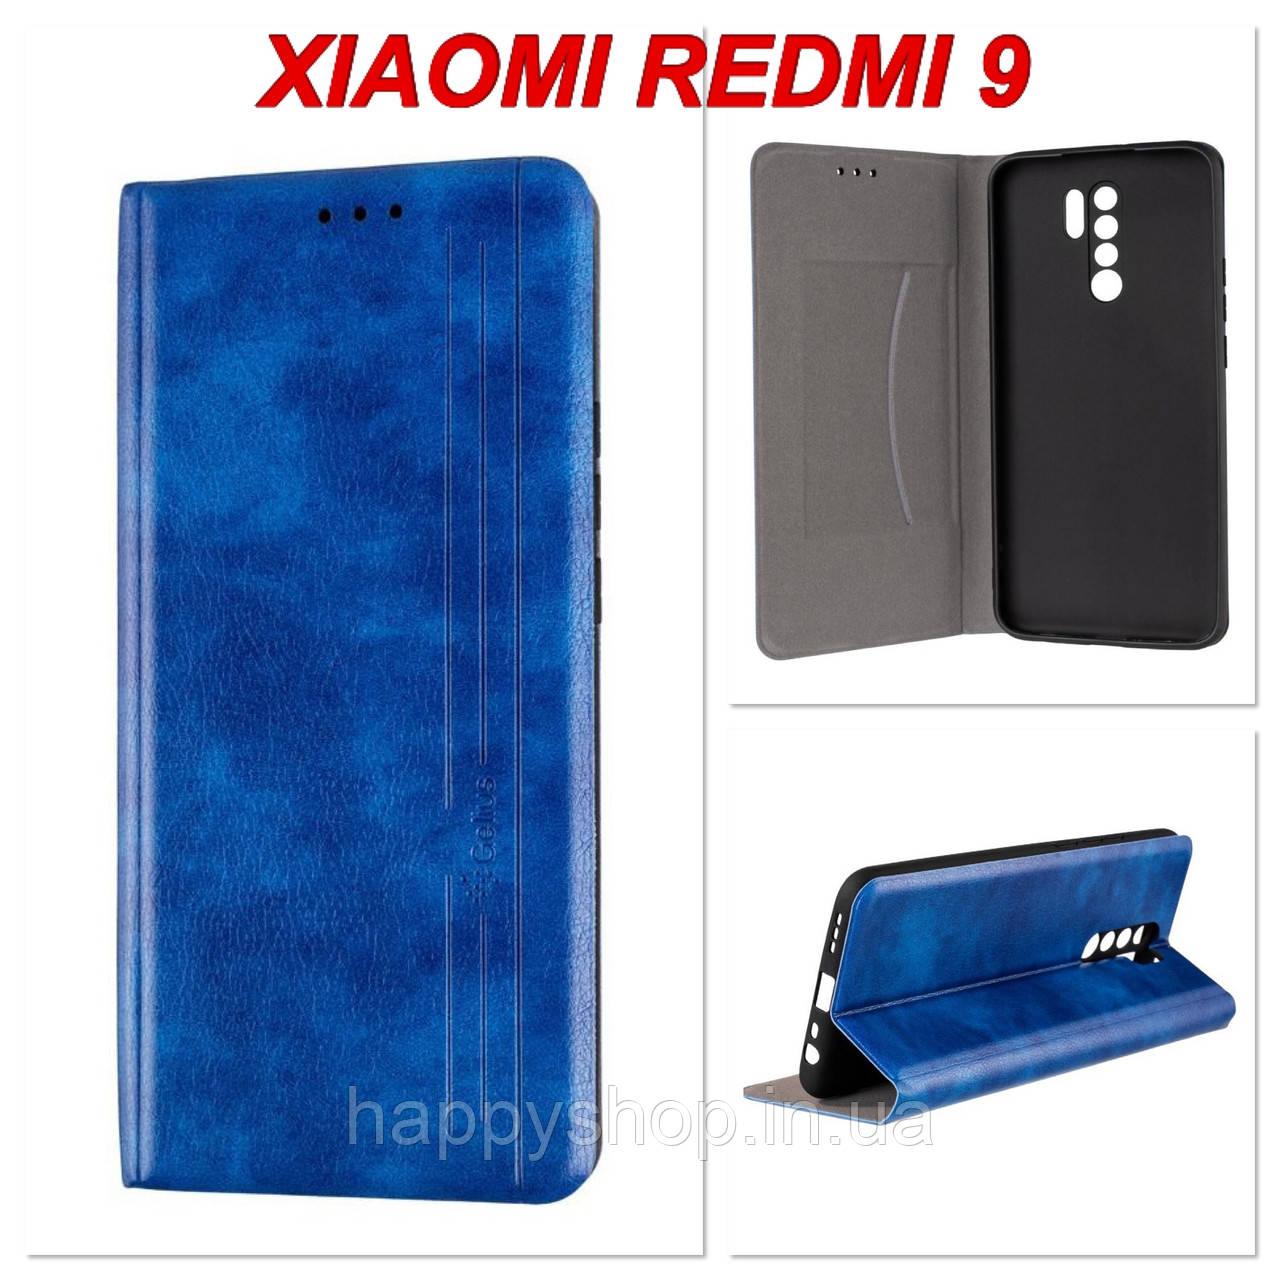 Чехол-книжка Gelius Leather New для Xiaomi Redmi 9 (Синий)